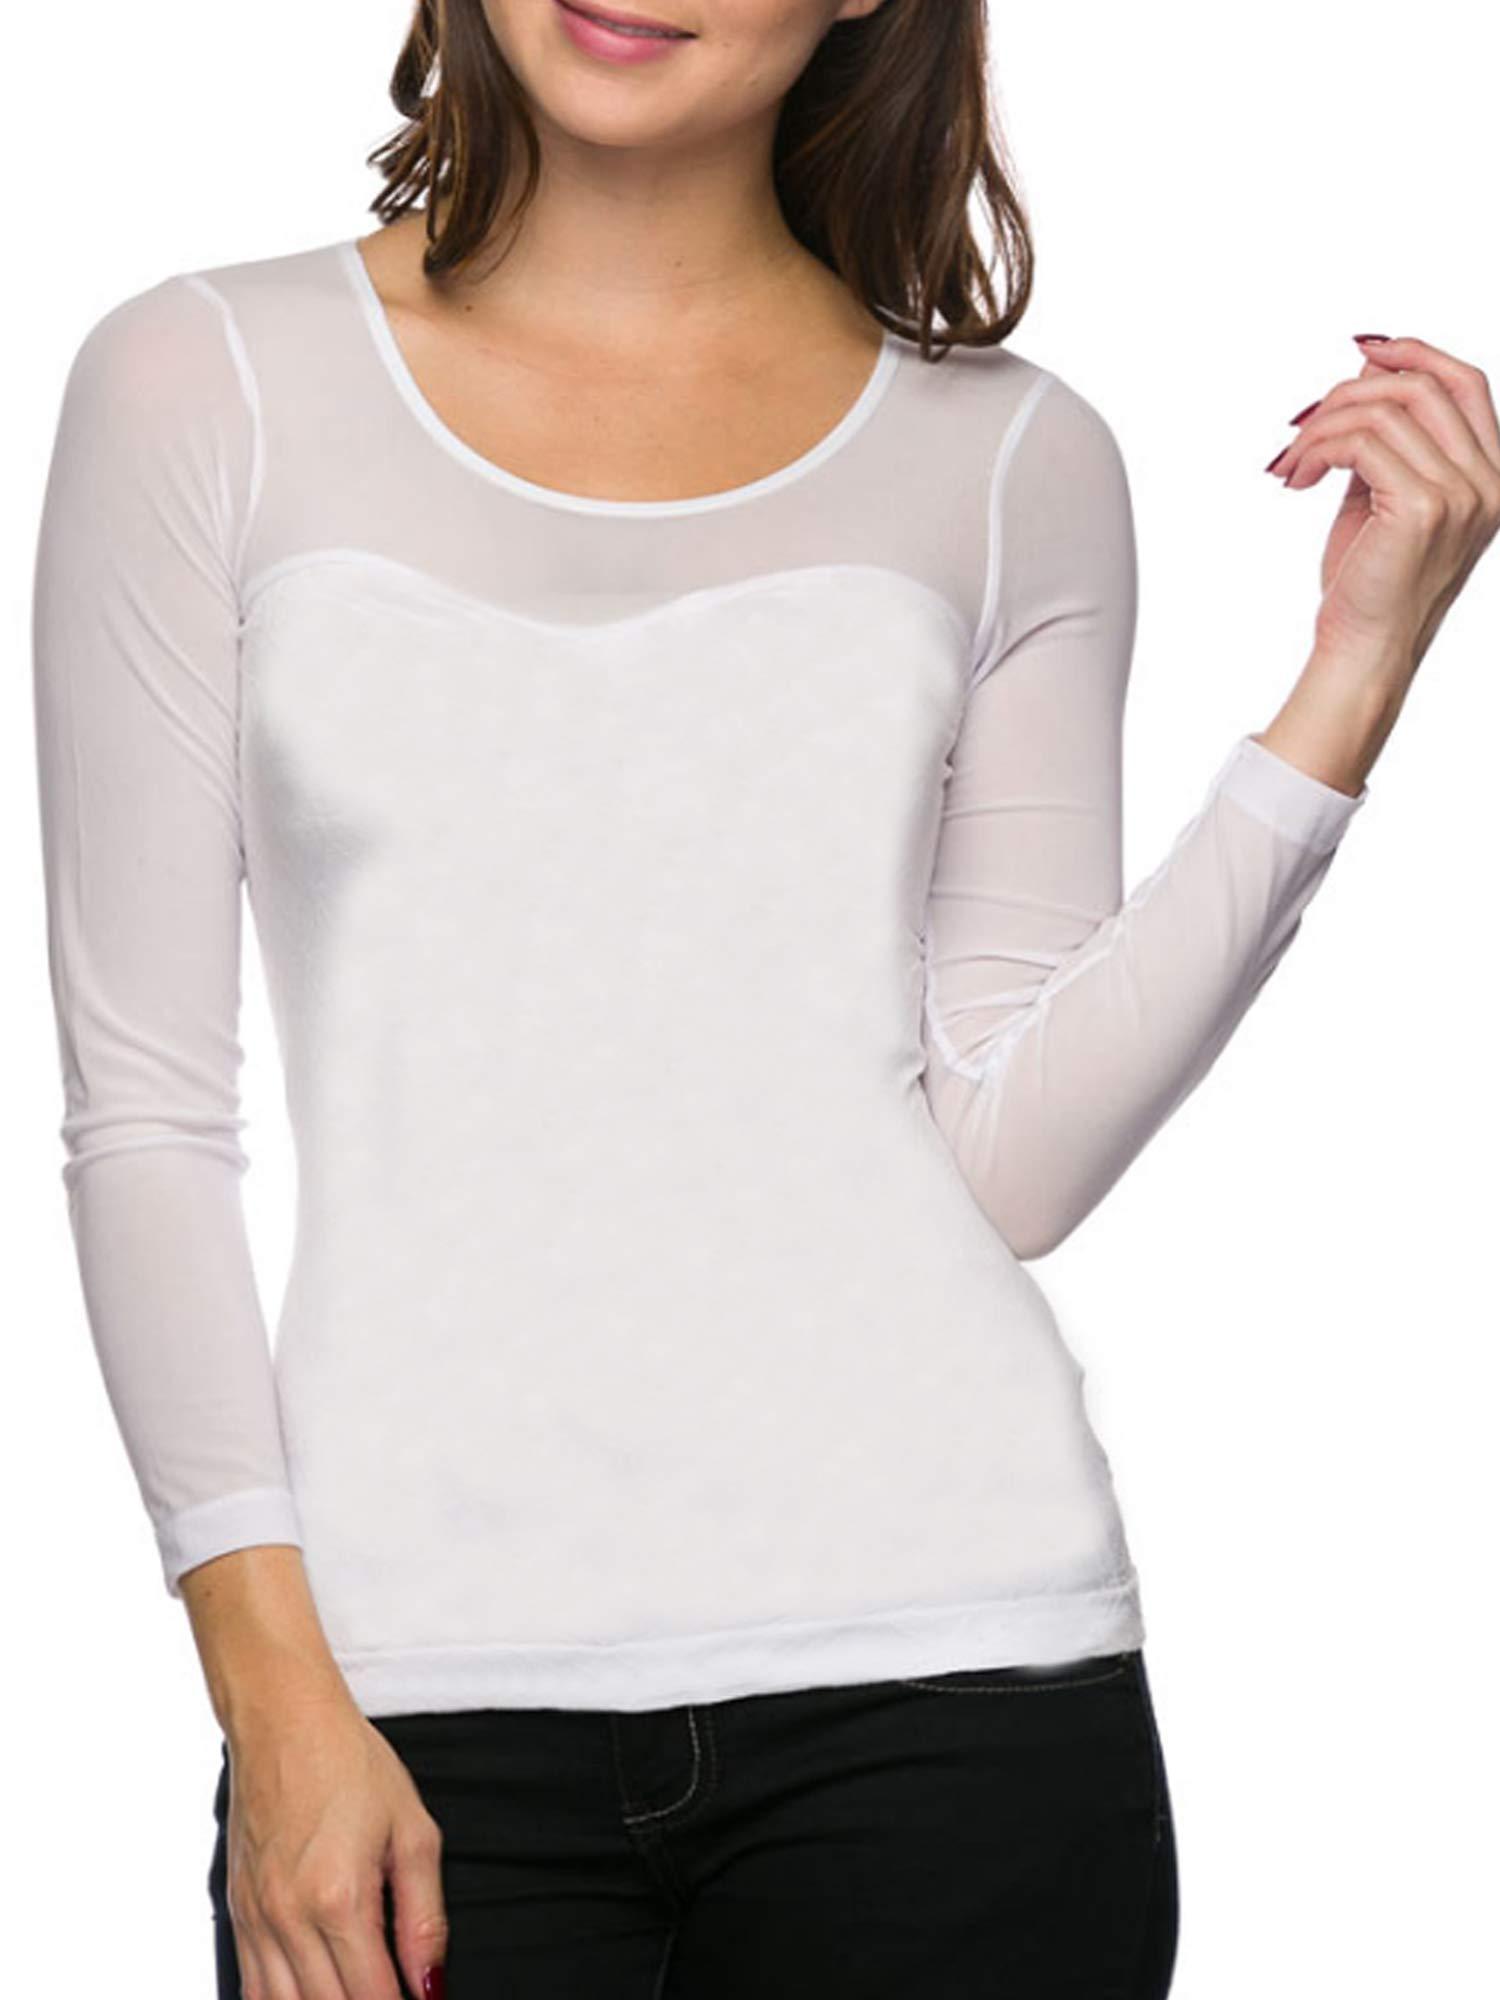 e90a9959862eb Ekimo T-USA Women Seamless Sheer Long Sleeve Mesh Top Sweetheart ...